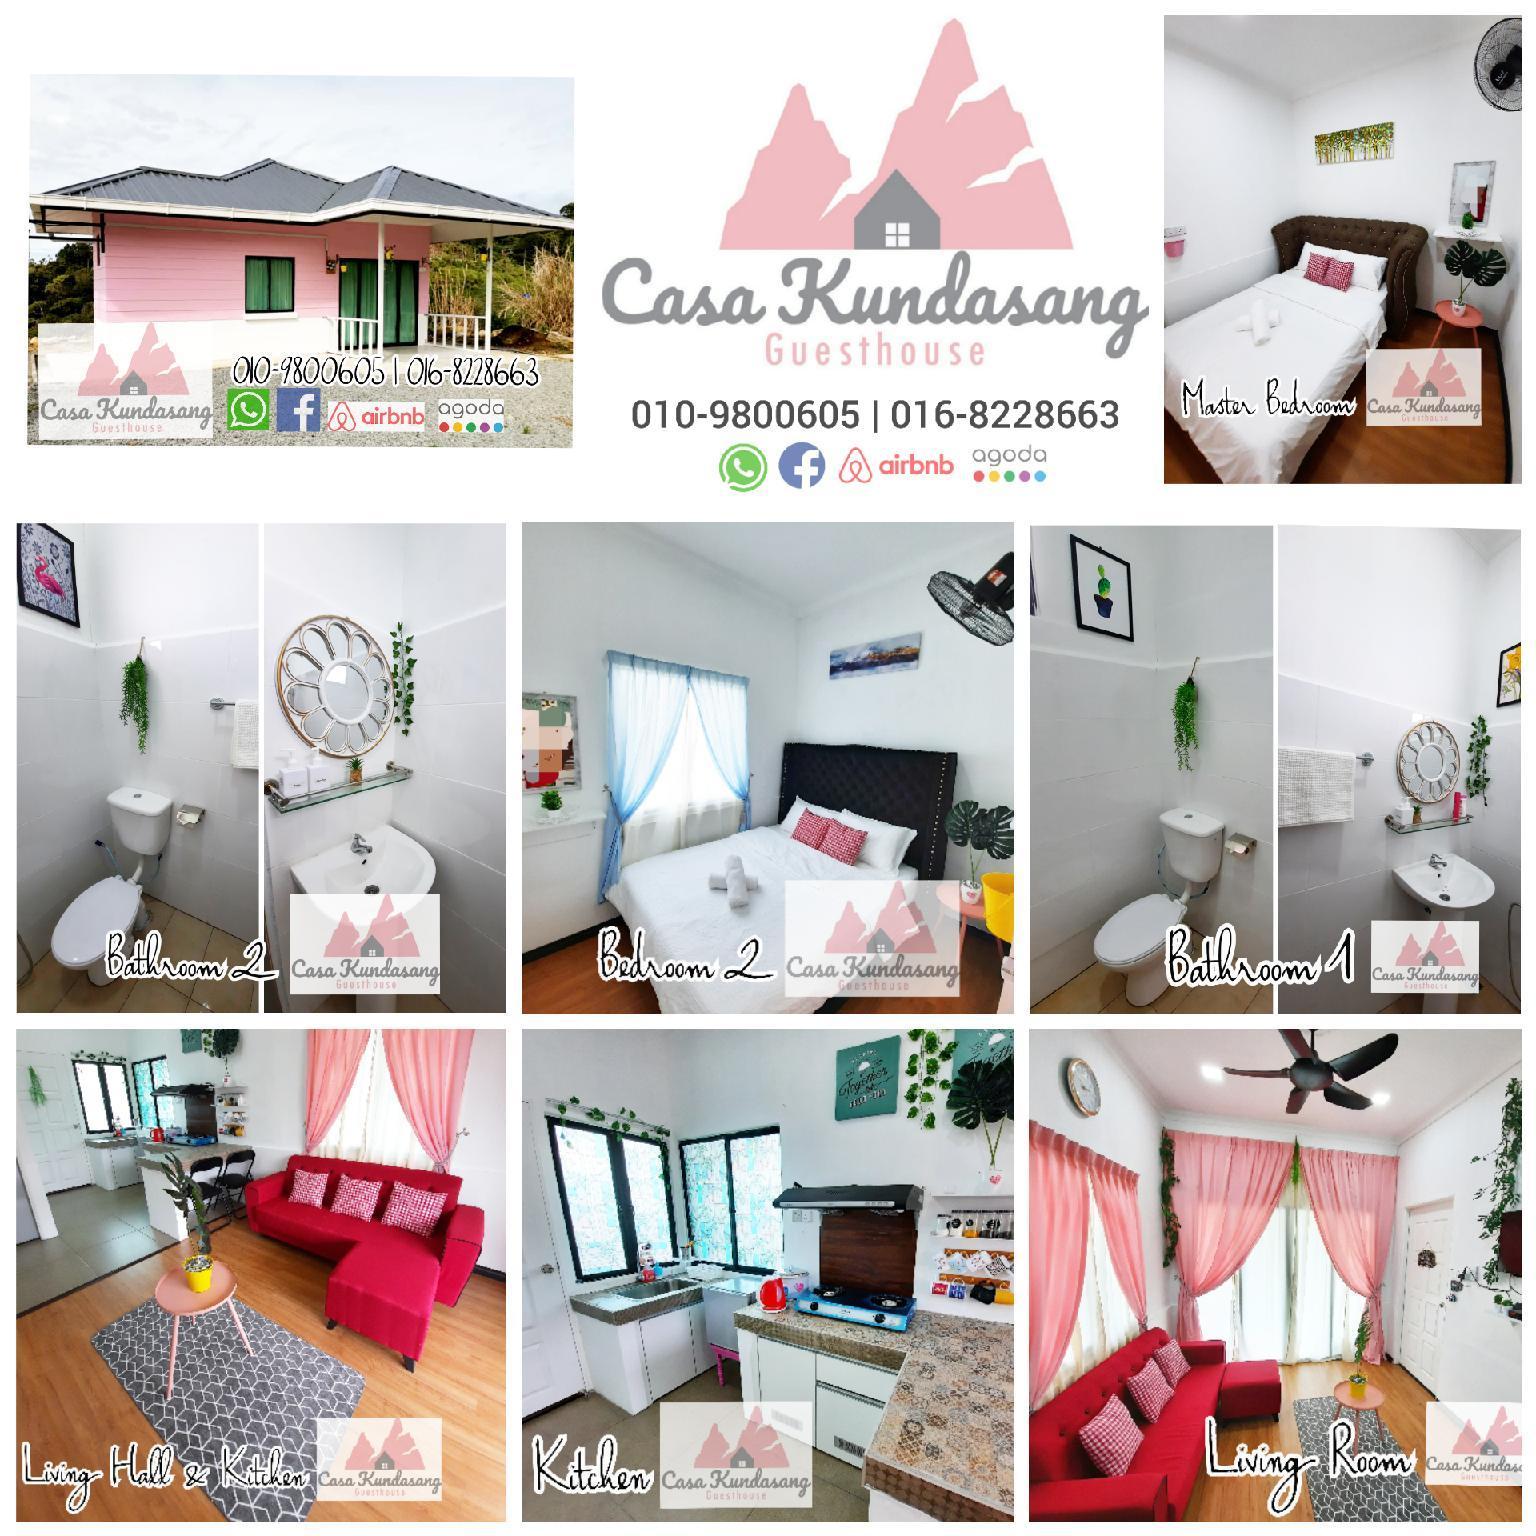 Casa Kundasang Guesthouse